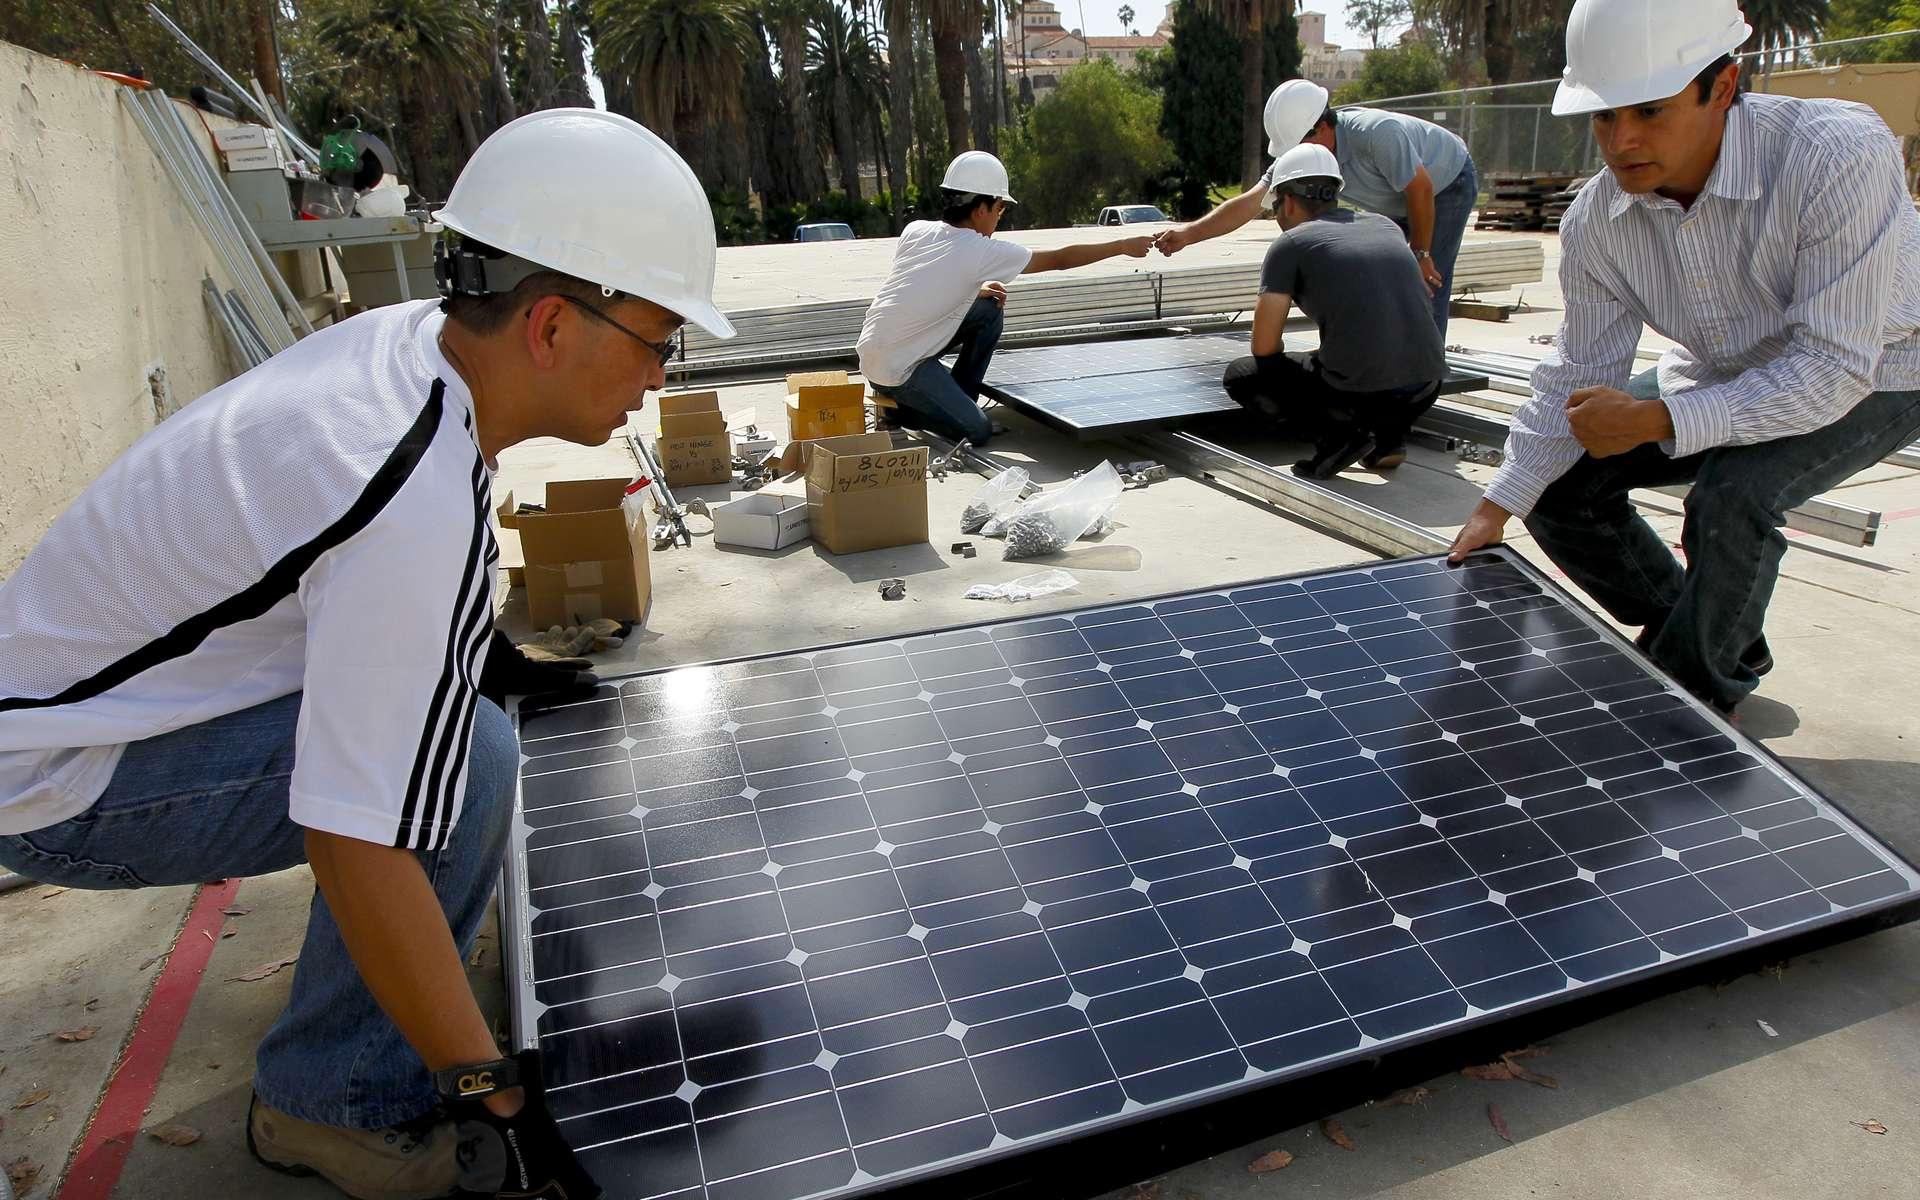 Avant d'installer soi-même un panneau solaire photovoltaïque, il vaut mieux calculer le rapport entre gain de dépenses et gains par la suite. © Official U.S. Navy Imagery, Flickr, CC BY 2.0